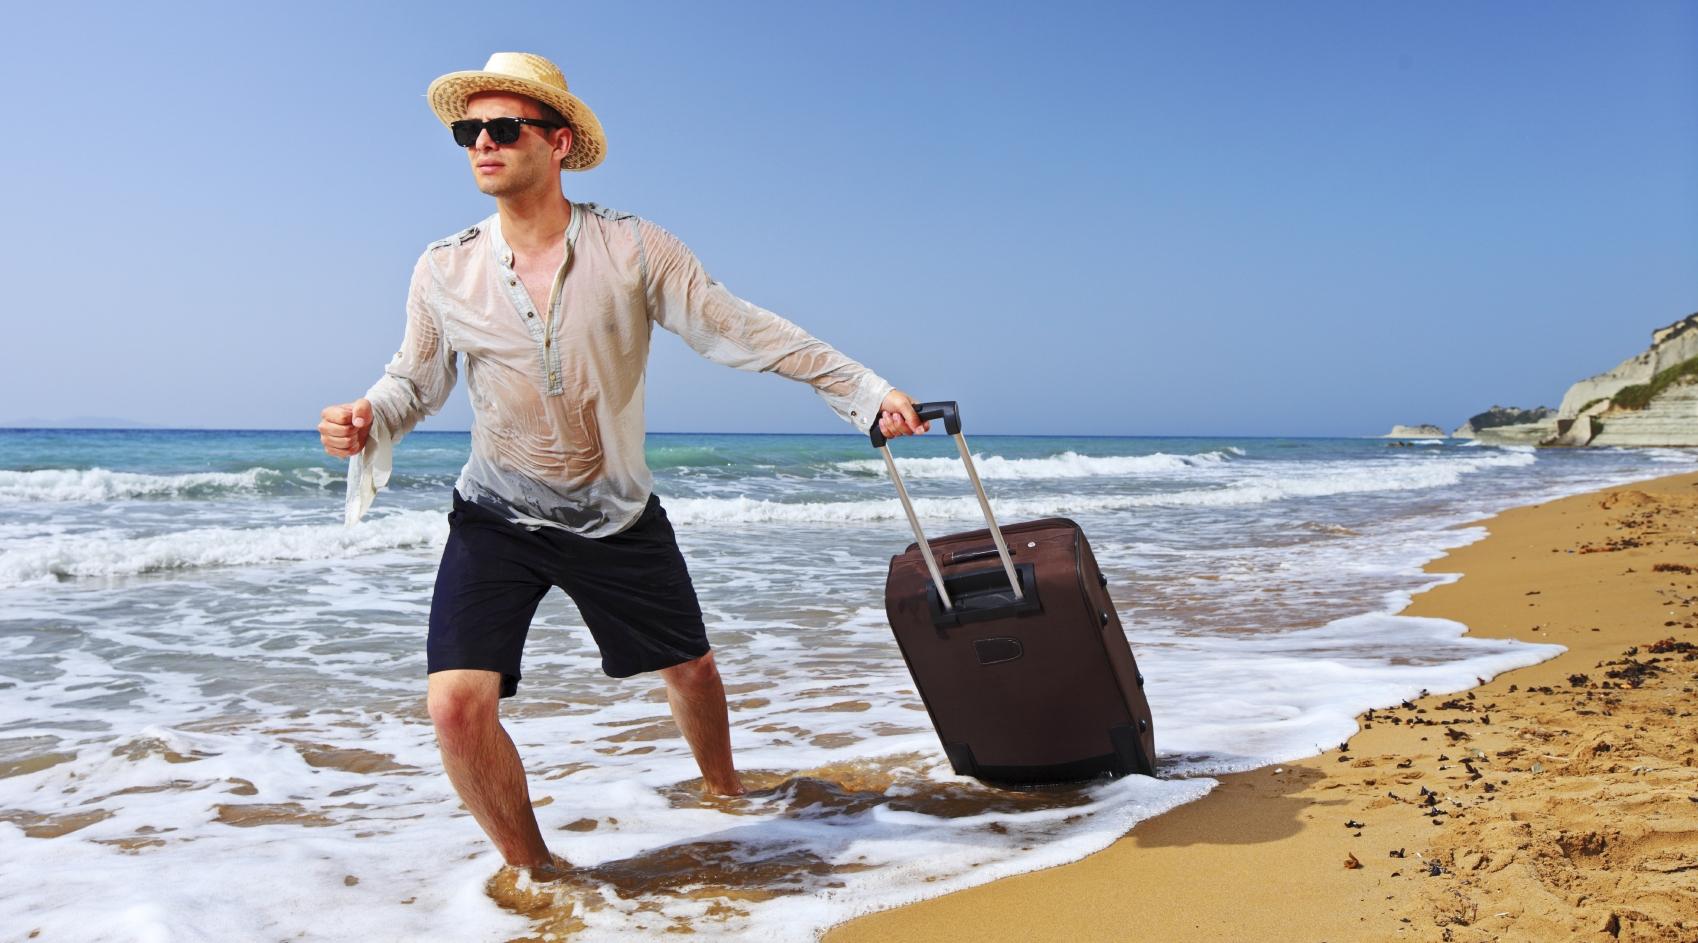 Заявление на компенсацию неиспользованного отпуска составляется по инициативе работника в письменном виде